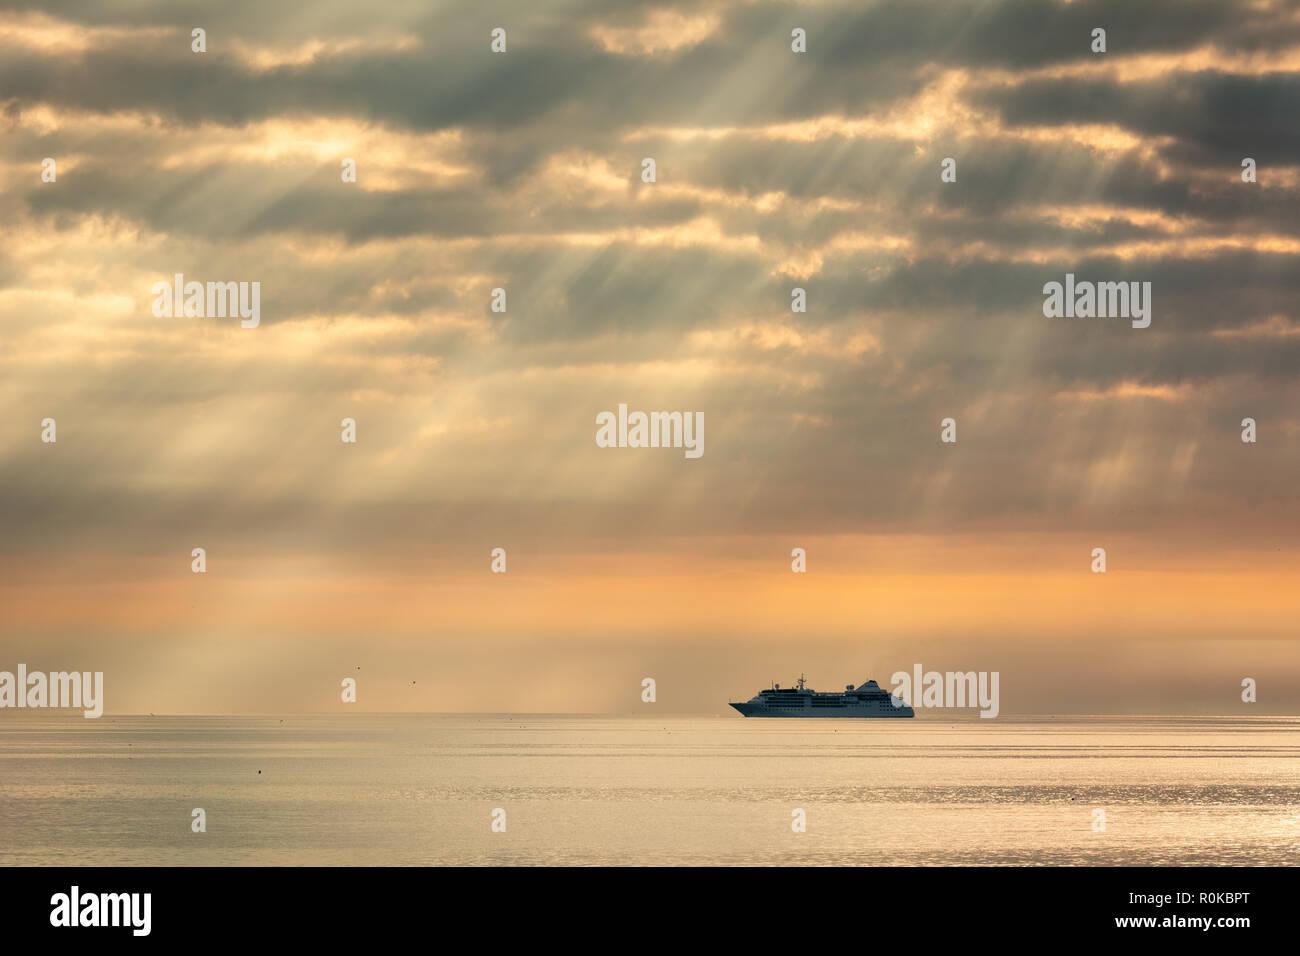 Silueta de ferry en los ejes de la luz de la mañana en la Bahía de Dublín, en Irlanda Foto de stock